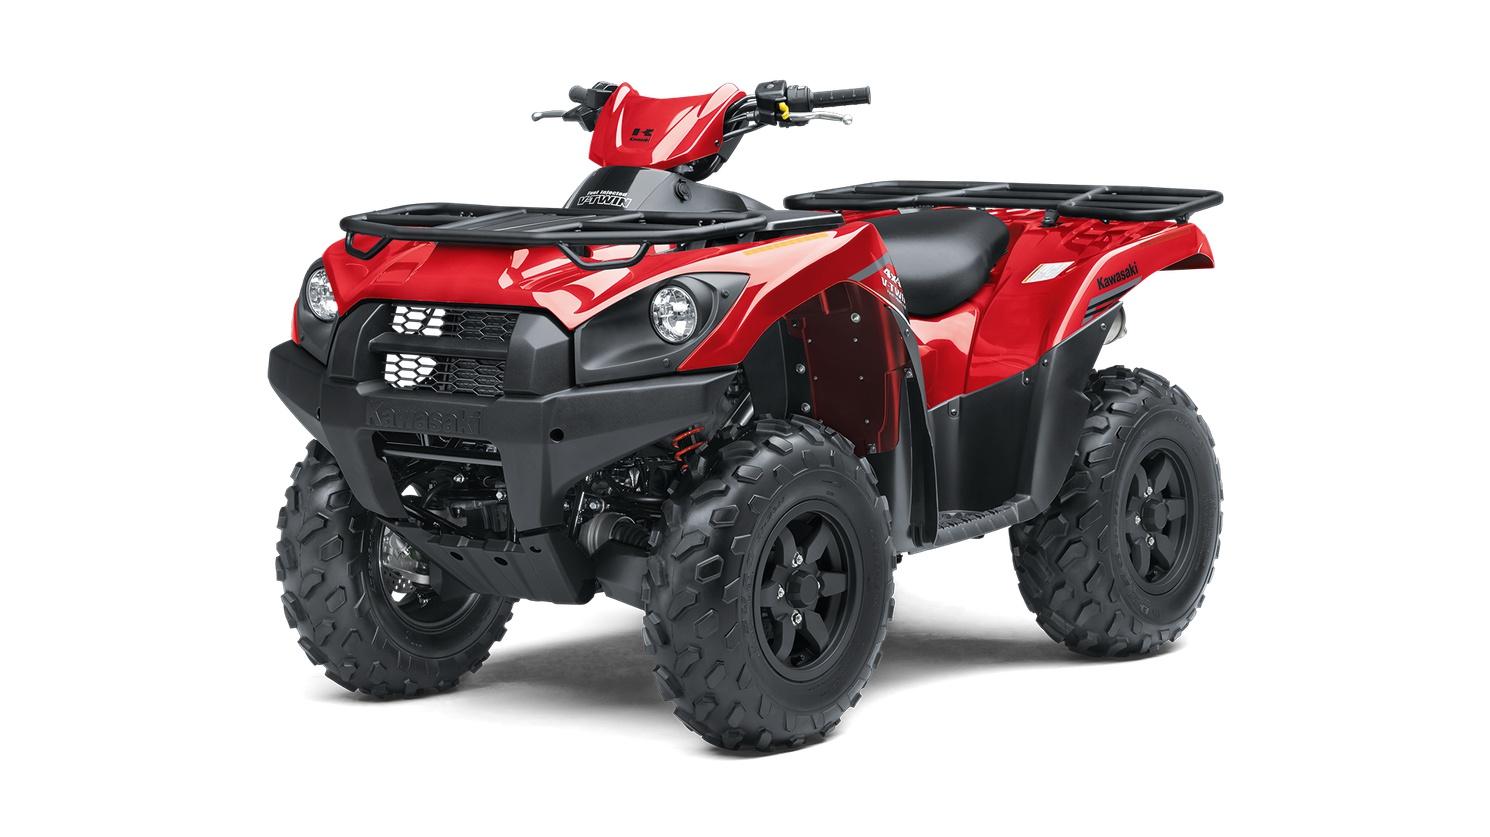 2020 Kawasaki BRUTE FORCE 750 4x4i Firecracker Red